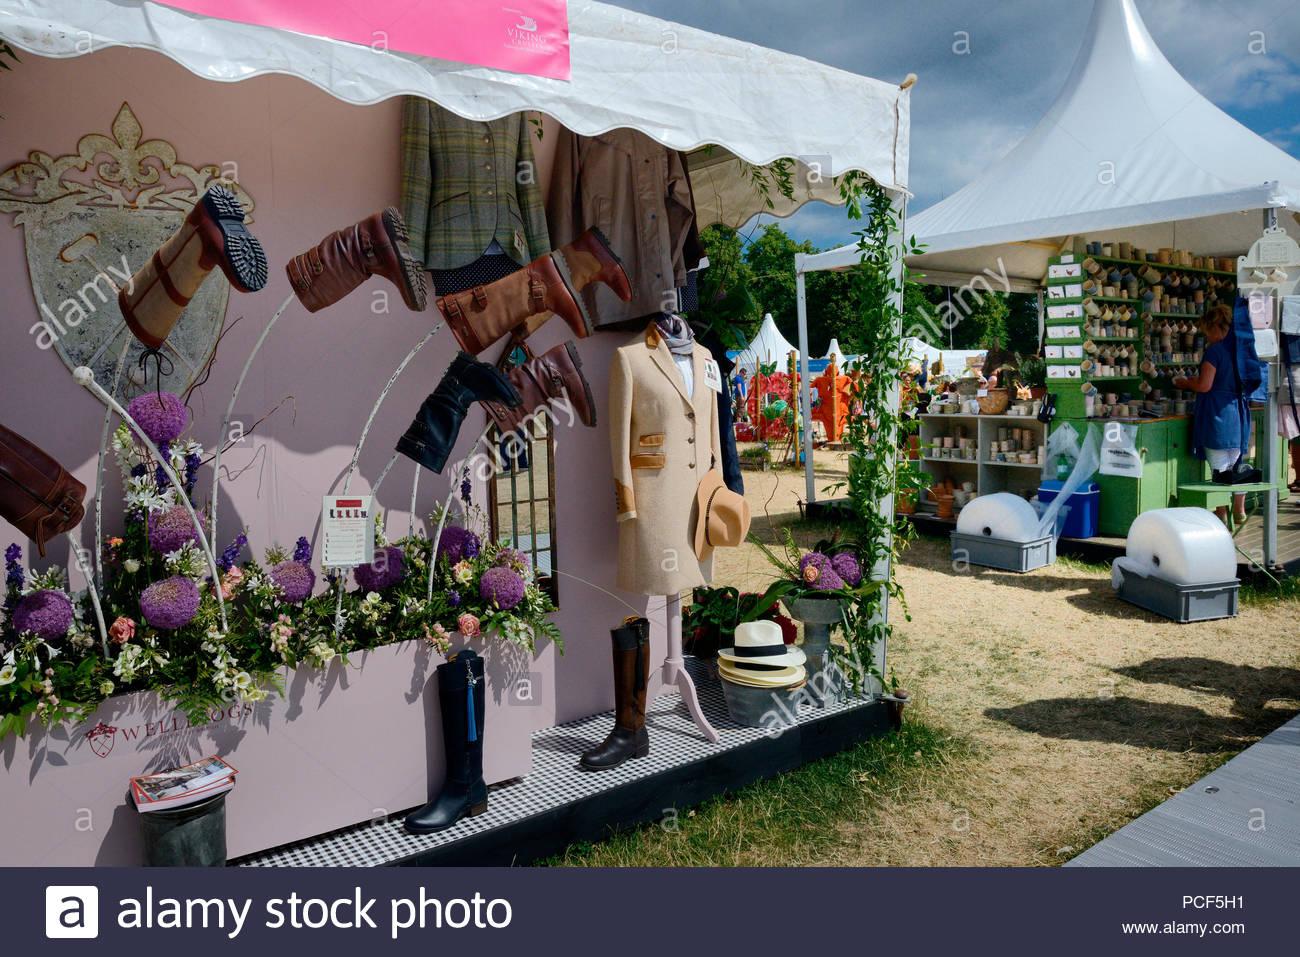 hampton court flower show austellungzelte mit gartenartikeln london england grossbritannien europa blumenschau gartenschau gartenausstellung PCF5H1